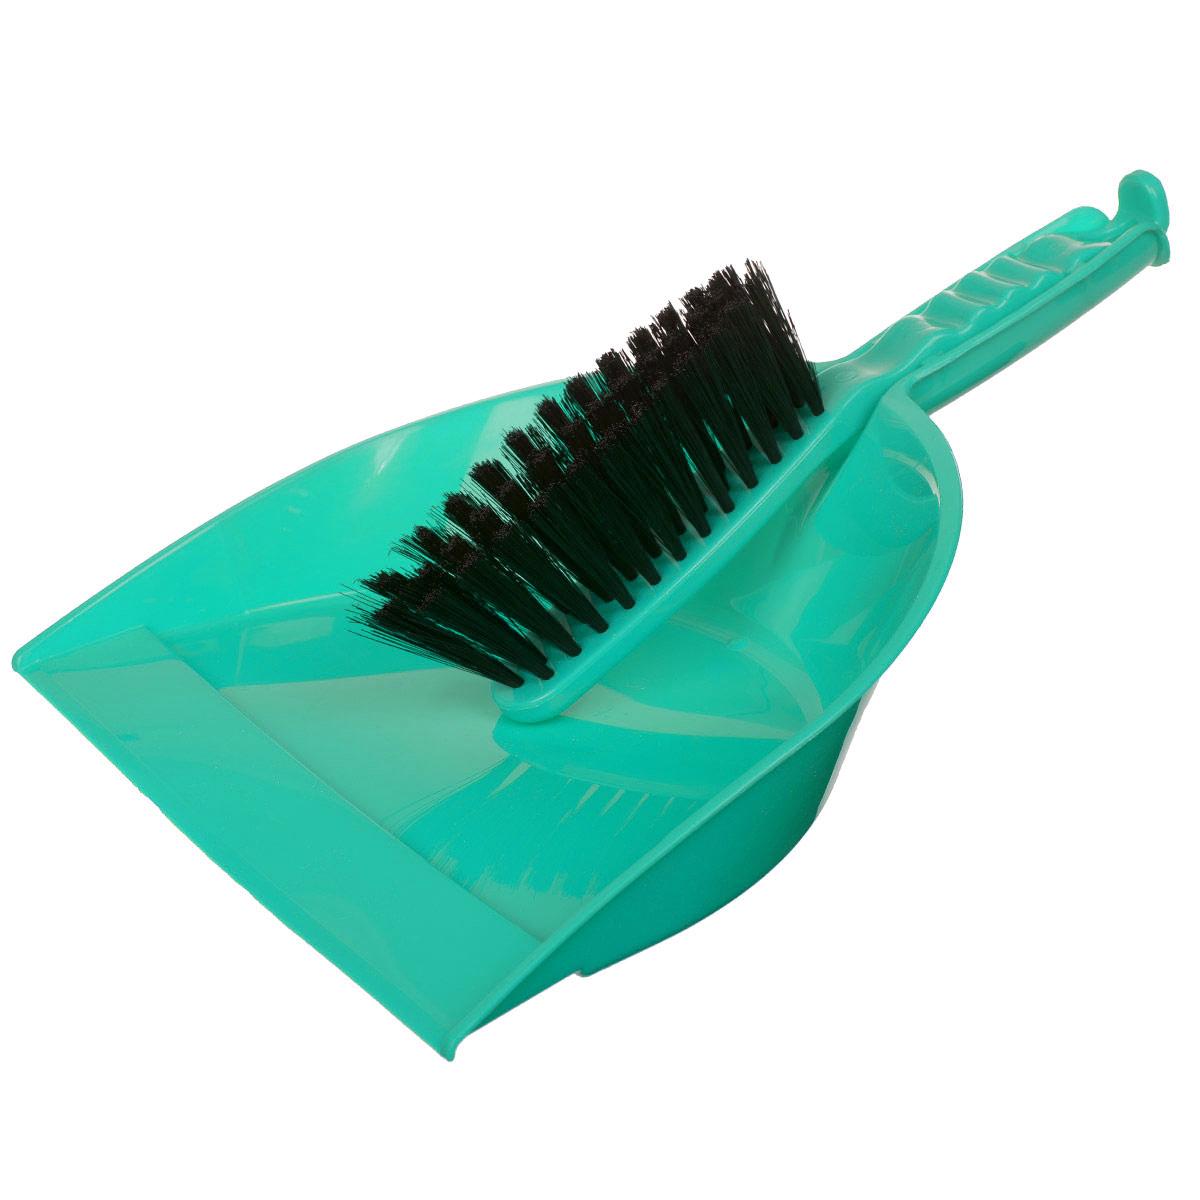 Набор для уборки Альтернатива, цвет: мятный, 2 предметаM893_мятныйНабор для уборки Альтернатива состоит из щетки-сметки и совка. Он станет незаменимым помощником в деле удаления пыли и мусора с различных поверхностей. Эластичный ворс на щетке, изготовленный из полимера, не оставит от грязи и следа. В комплекте вместительный совок углубленной формы, выполненный из прочного пластика. Удобная форма совка с бордюром, который удерживает собранный мусор, позволит эффективно и быстро совершить уборку в любом помещении. Ручка совка позволяет прикреплять его к рукоятке щетки. На рукояти изделий имеется специальное отверстие для подвешивания. Длина щетки-сметки: 27 см. Длина ворса: 5 см. Размер рабочей поверхности совка: 23,5 см х 23,5 см. Размер совка (с учетом ручки): 33,5 см х 23,5 см х 6 см.